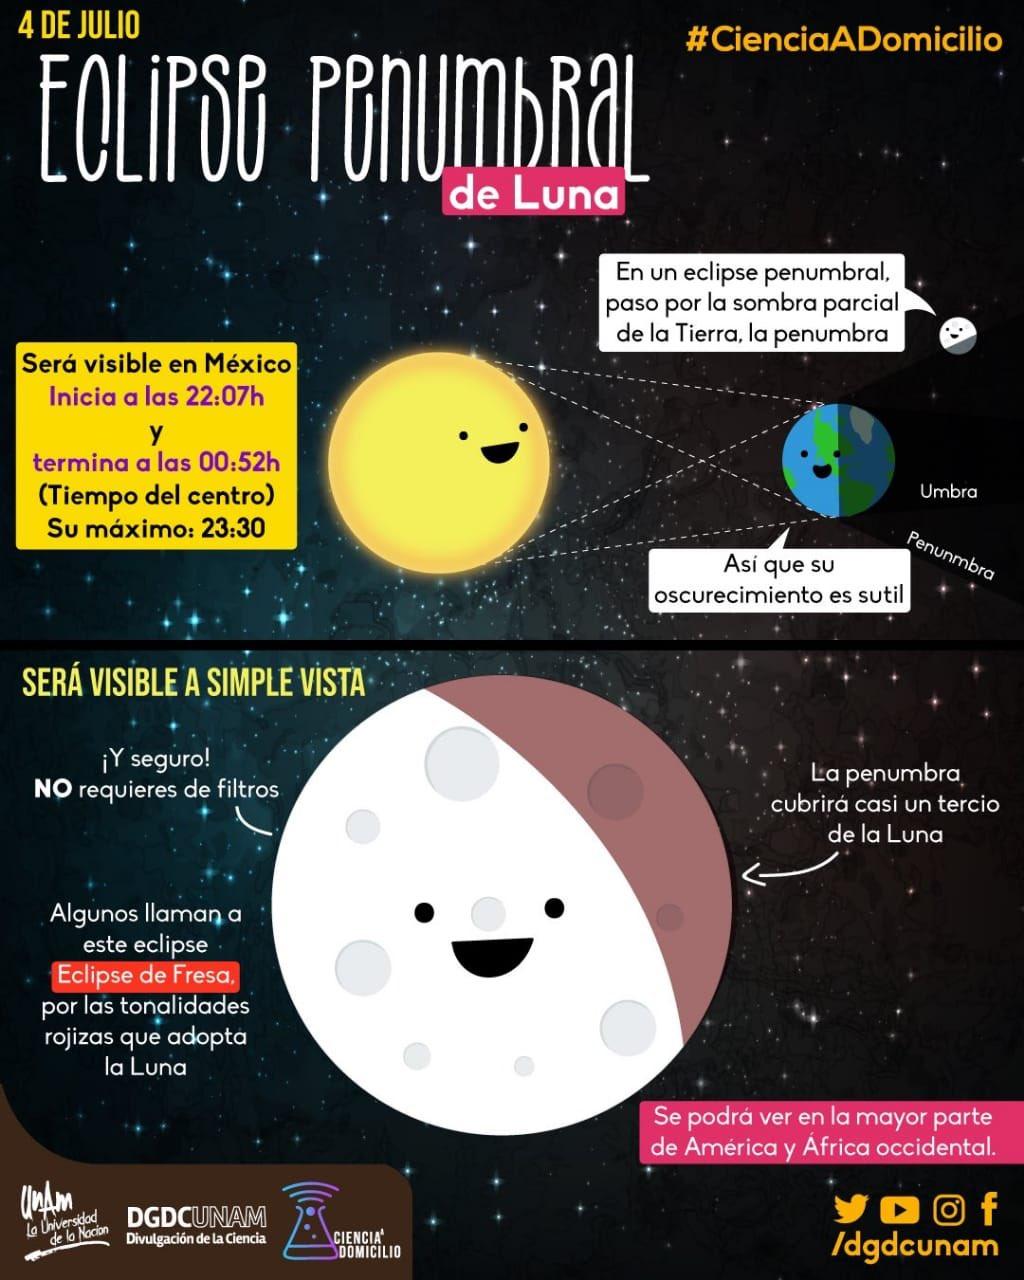 Cómo ver el eclipse lunar del 4 de julio